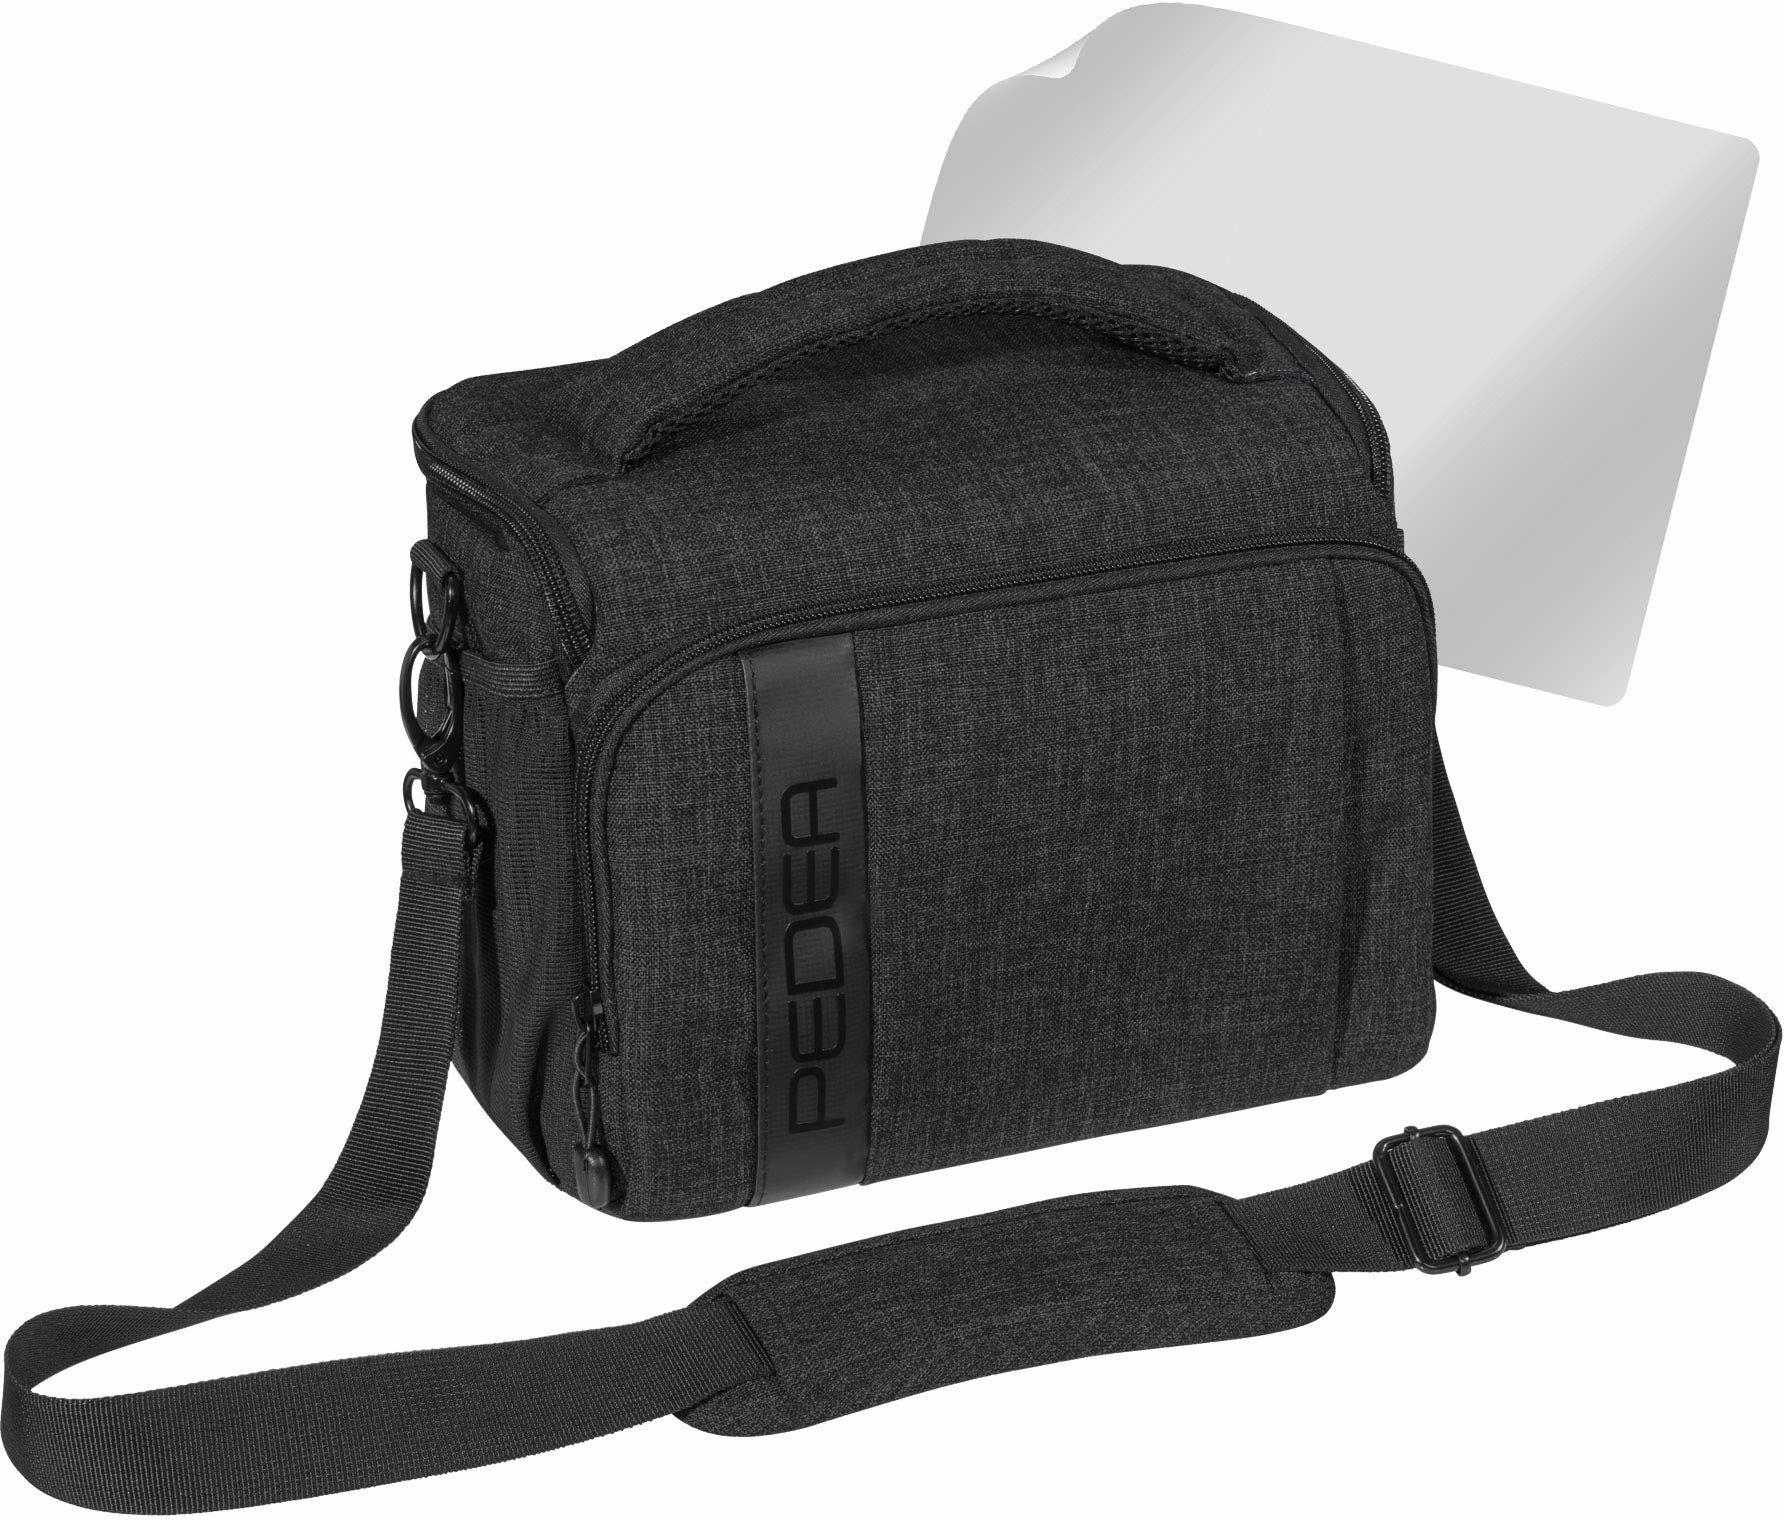 """PEDEA DSLR torba na aparat """"Fashion"""" z folią ochronną na wyświetlacz do Nikon D500 D750 D3500 D5200 D300 Coolpix B500 / Sony Alpha 7 7M2 7M3 7R II DSC-RX10 / Canon EOS 77D 200D 1300D, rozm. czarny"""